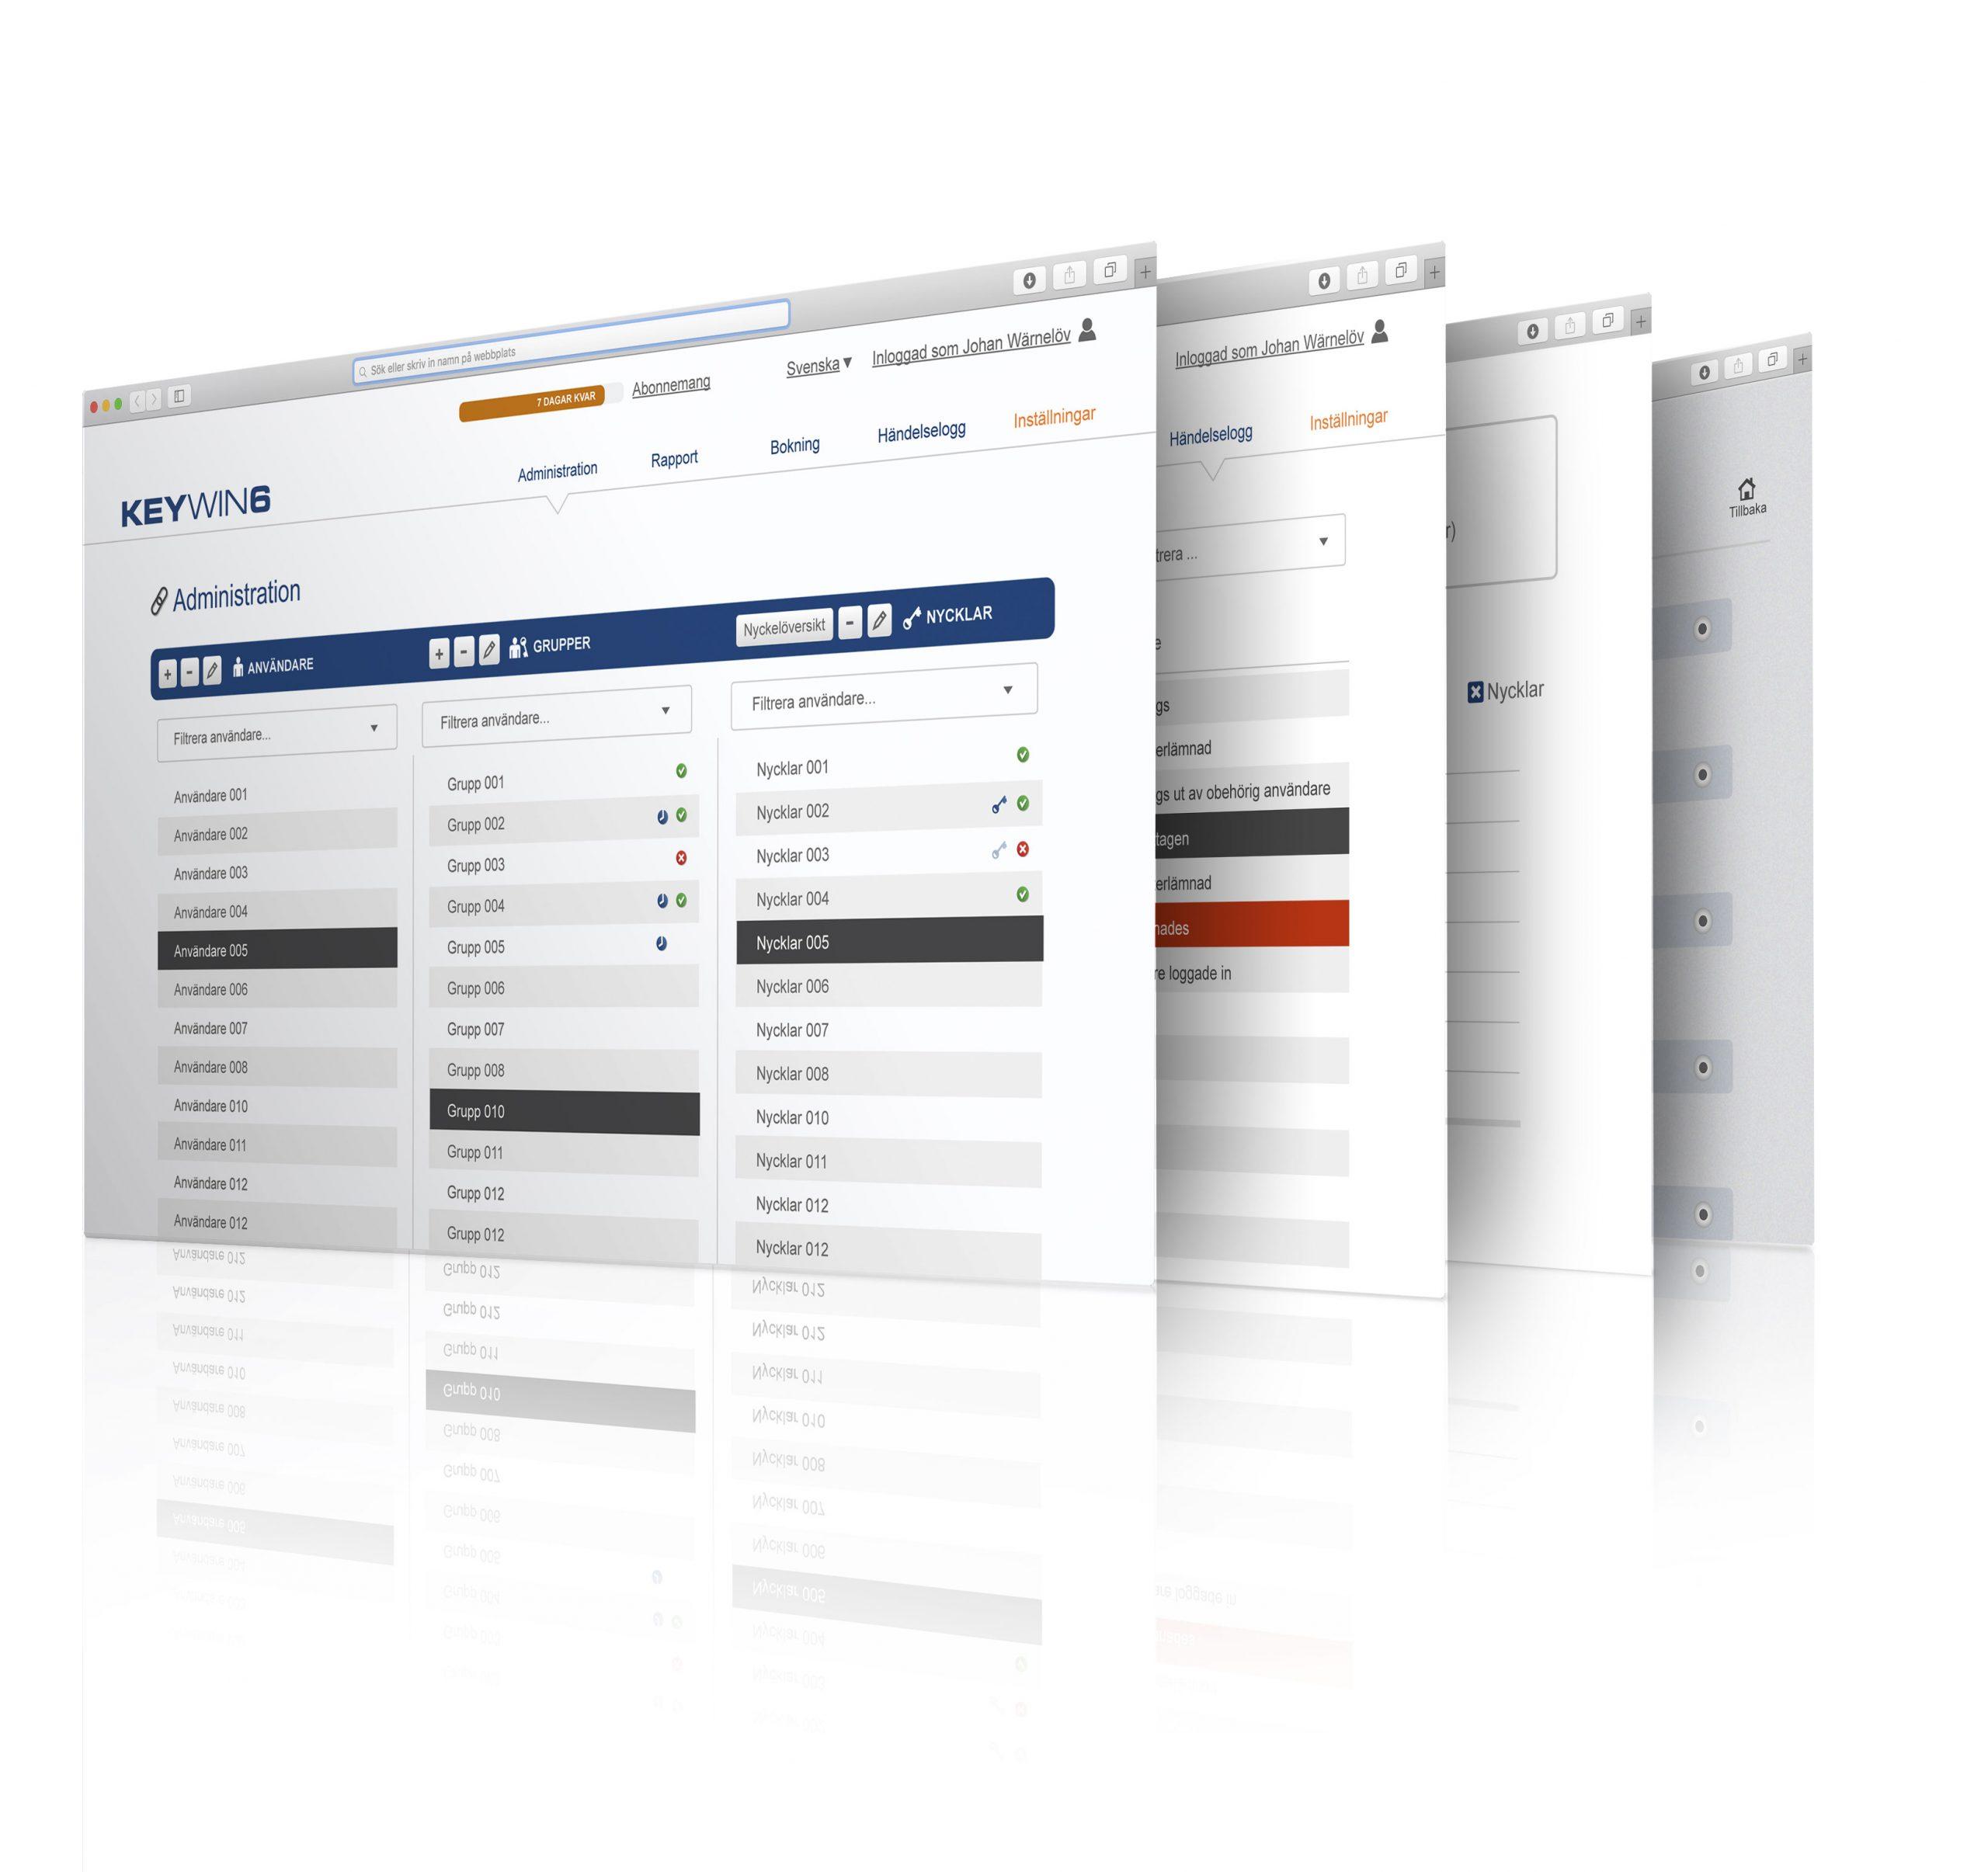 Meerdere schermen voor het sleutelmanagementprogramma KeyWin6